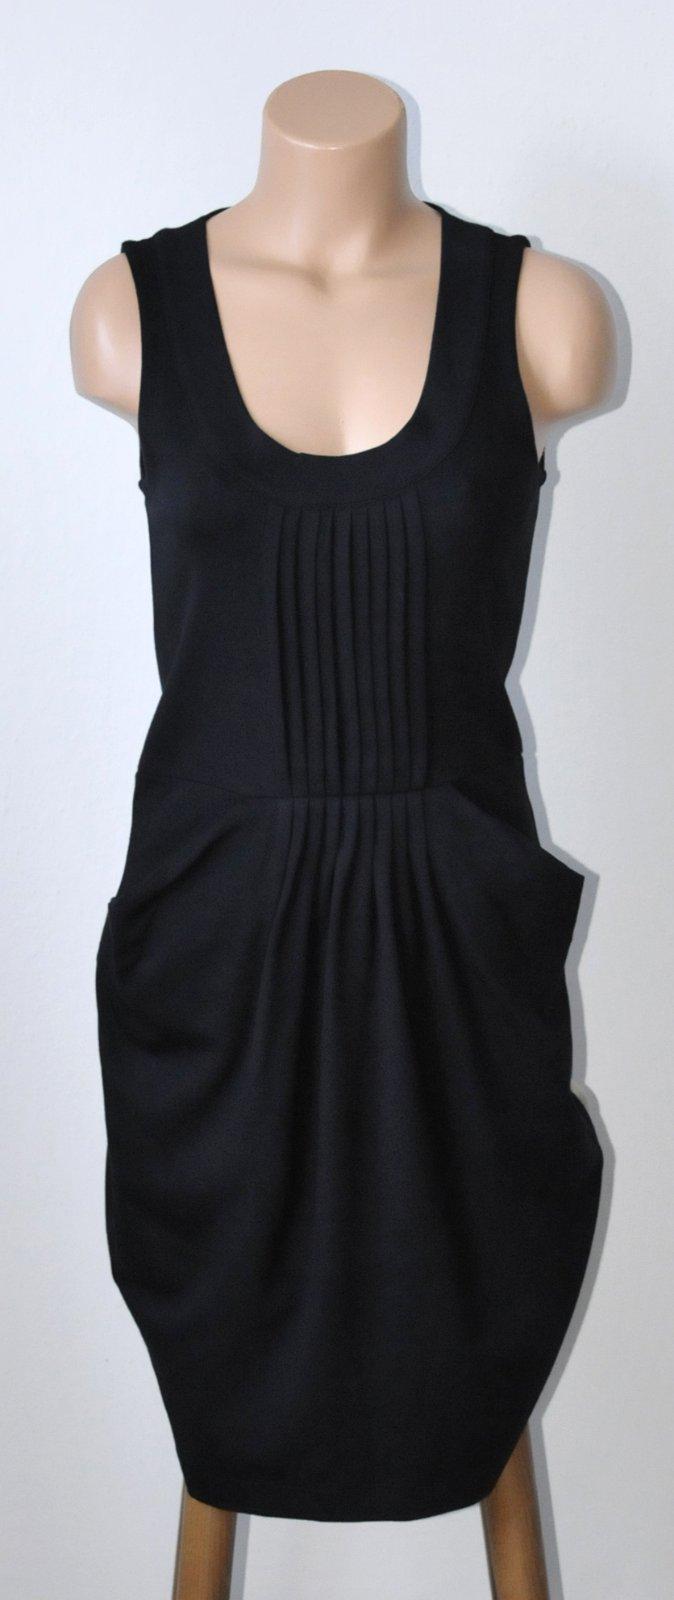 9858630cee738 Dámske spoločenské šaty, next,38 - 30 € od predávajúcej hagshop | Detský  bazár | ModryKonik.sk